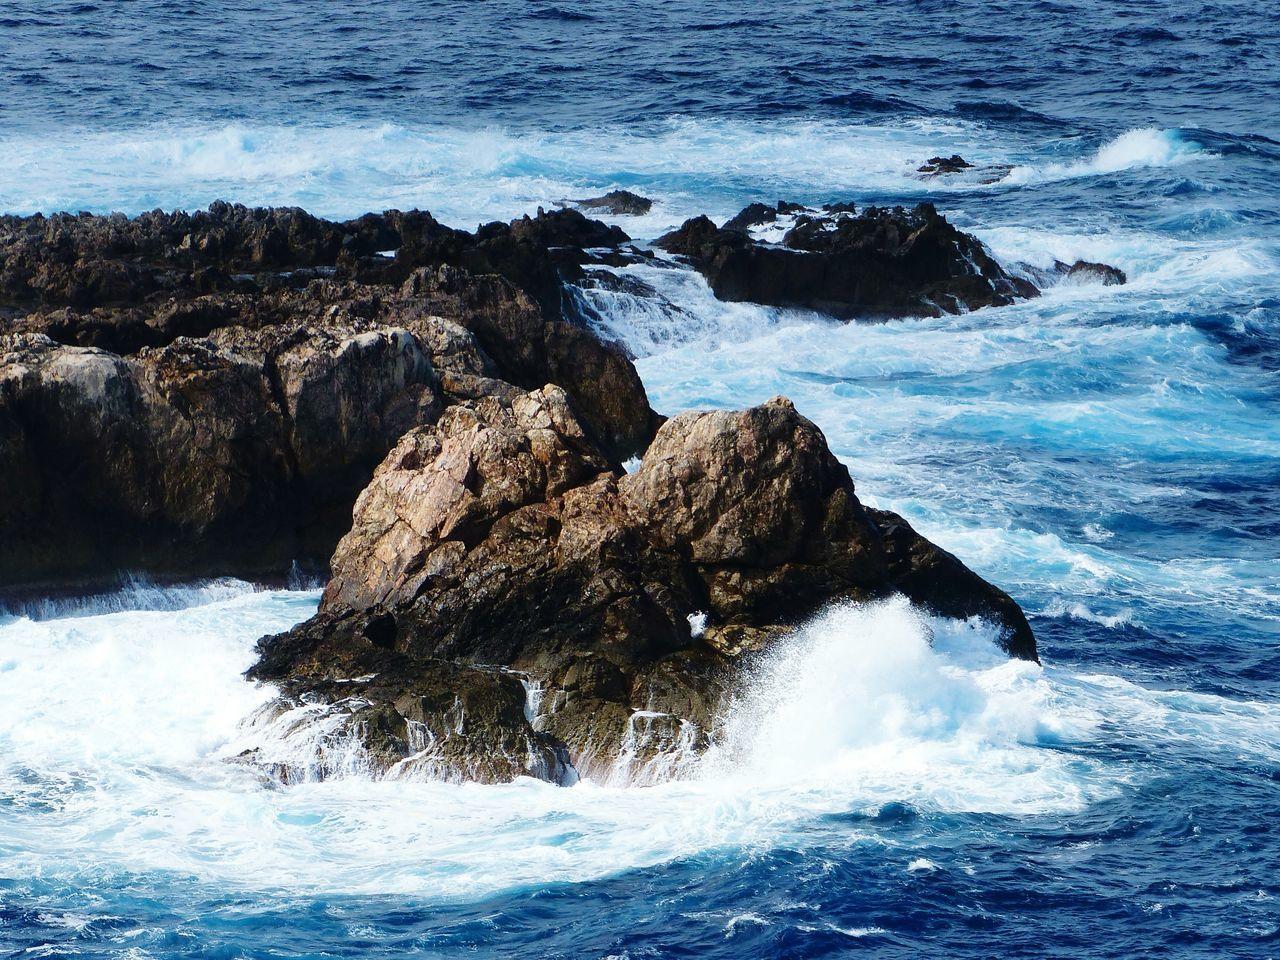 Waves Splashing Rocks At Sea